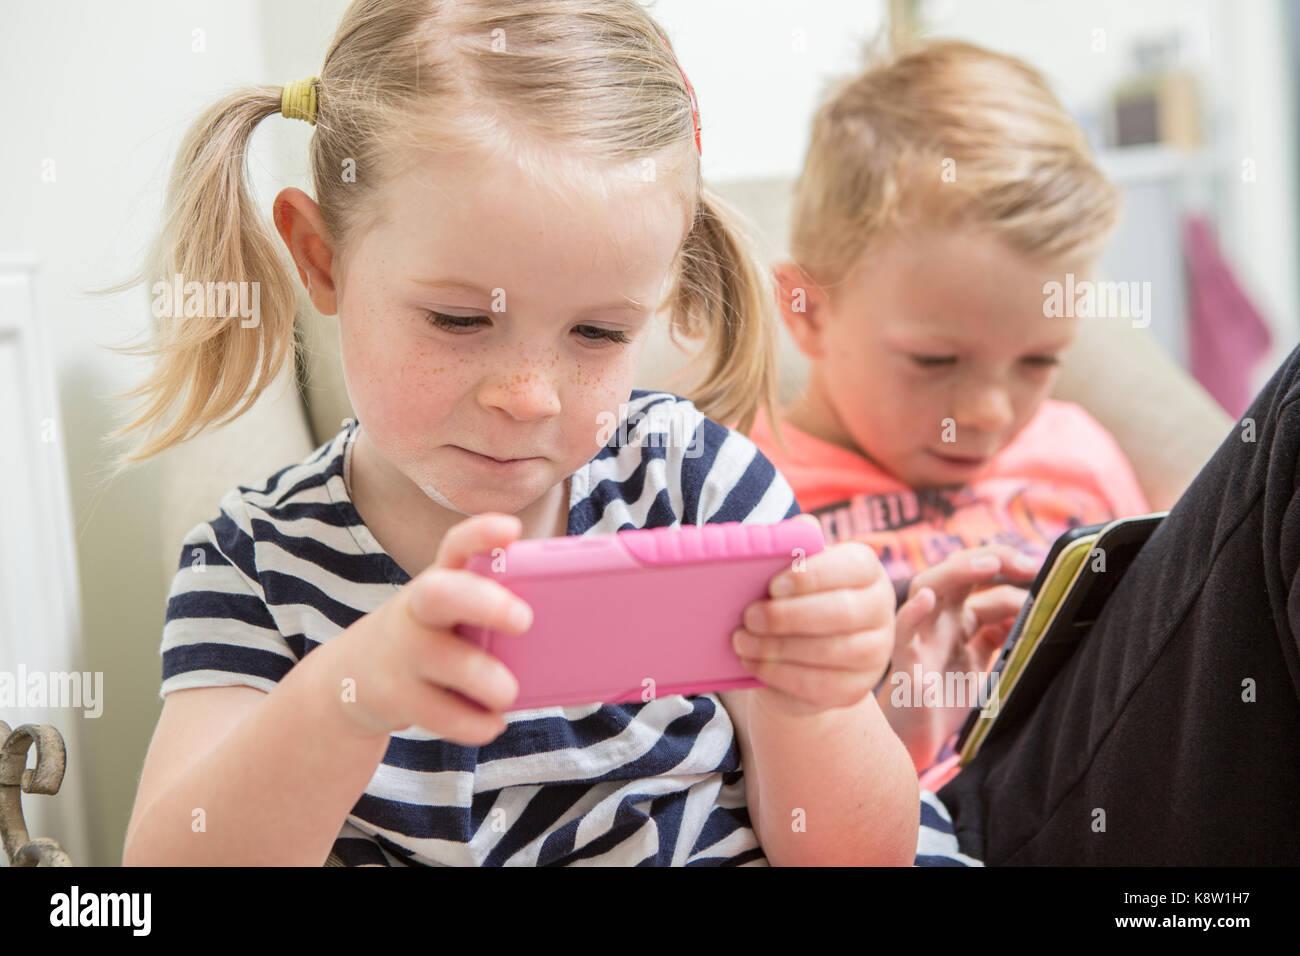 Les enfants l'utilisation de la technologie pour les jeux Photo Stock